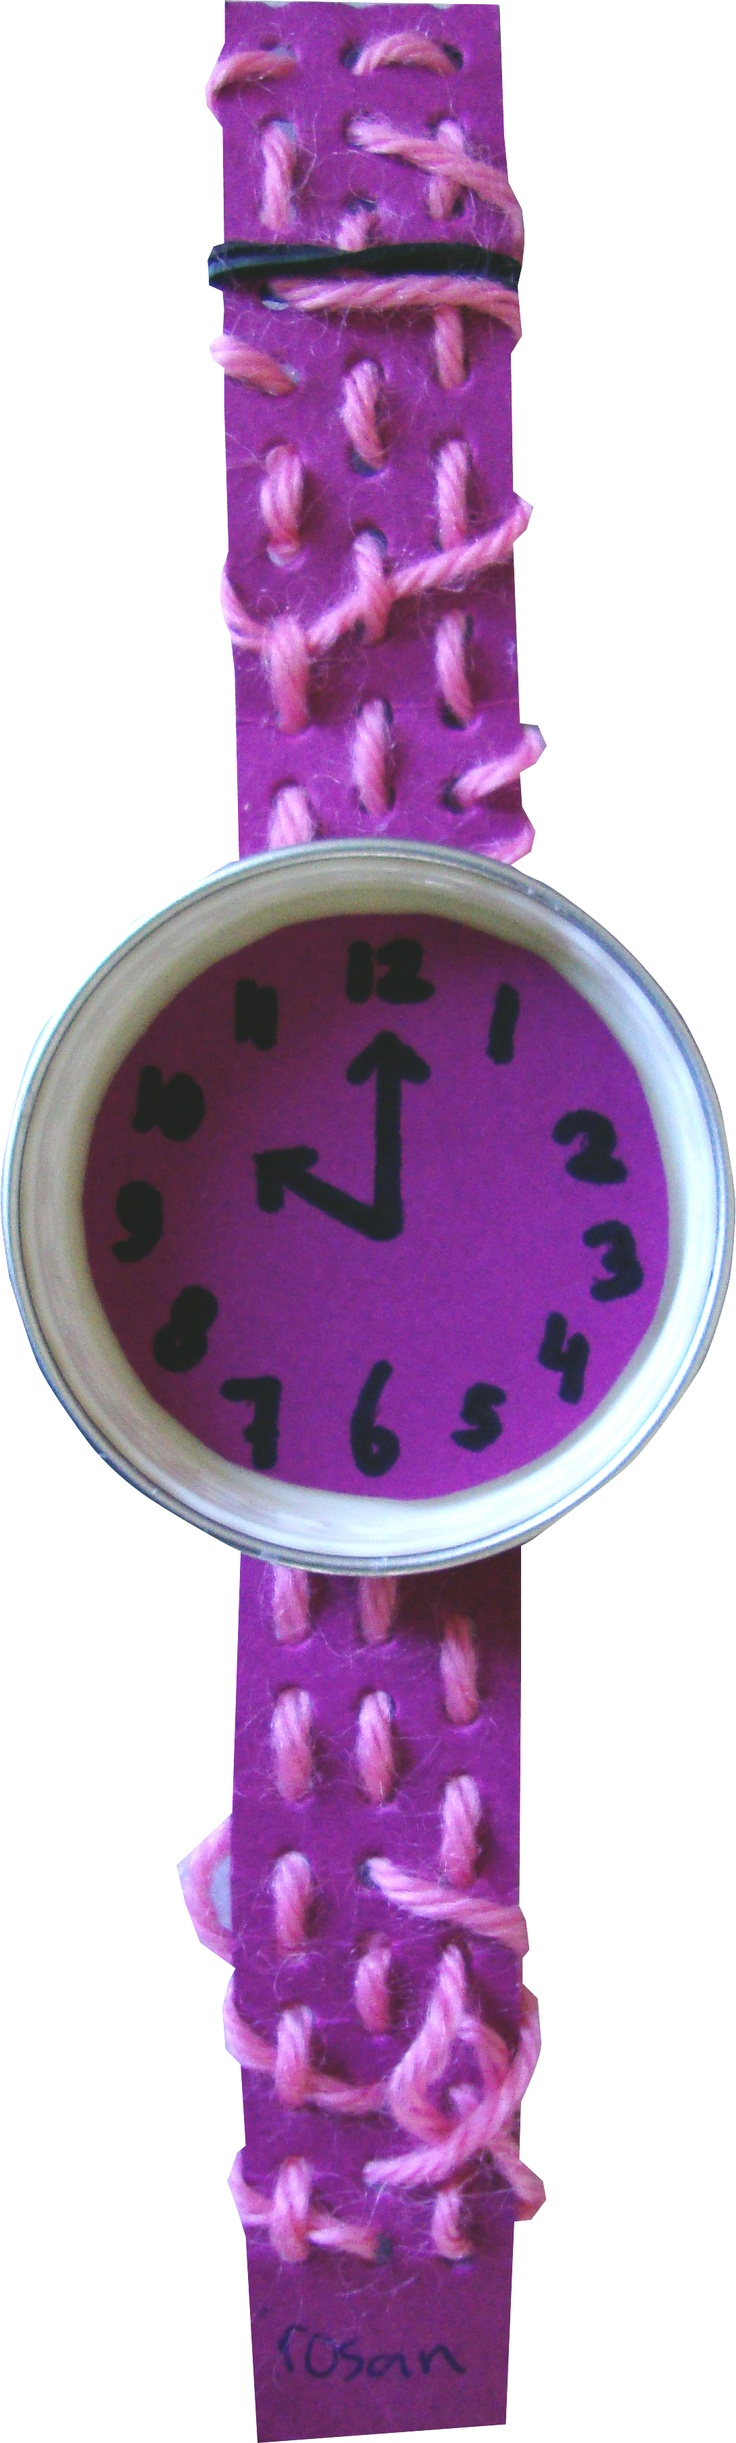 De Onderwijsstudio - Horloge